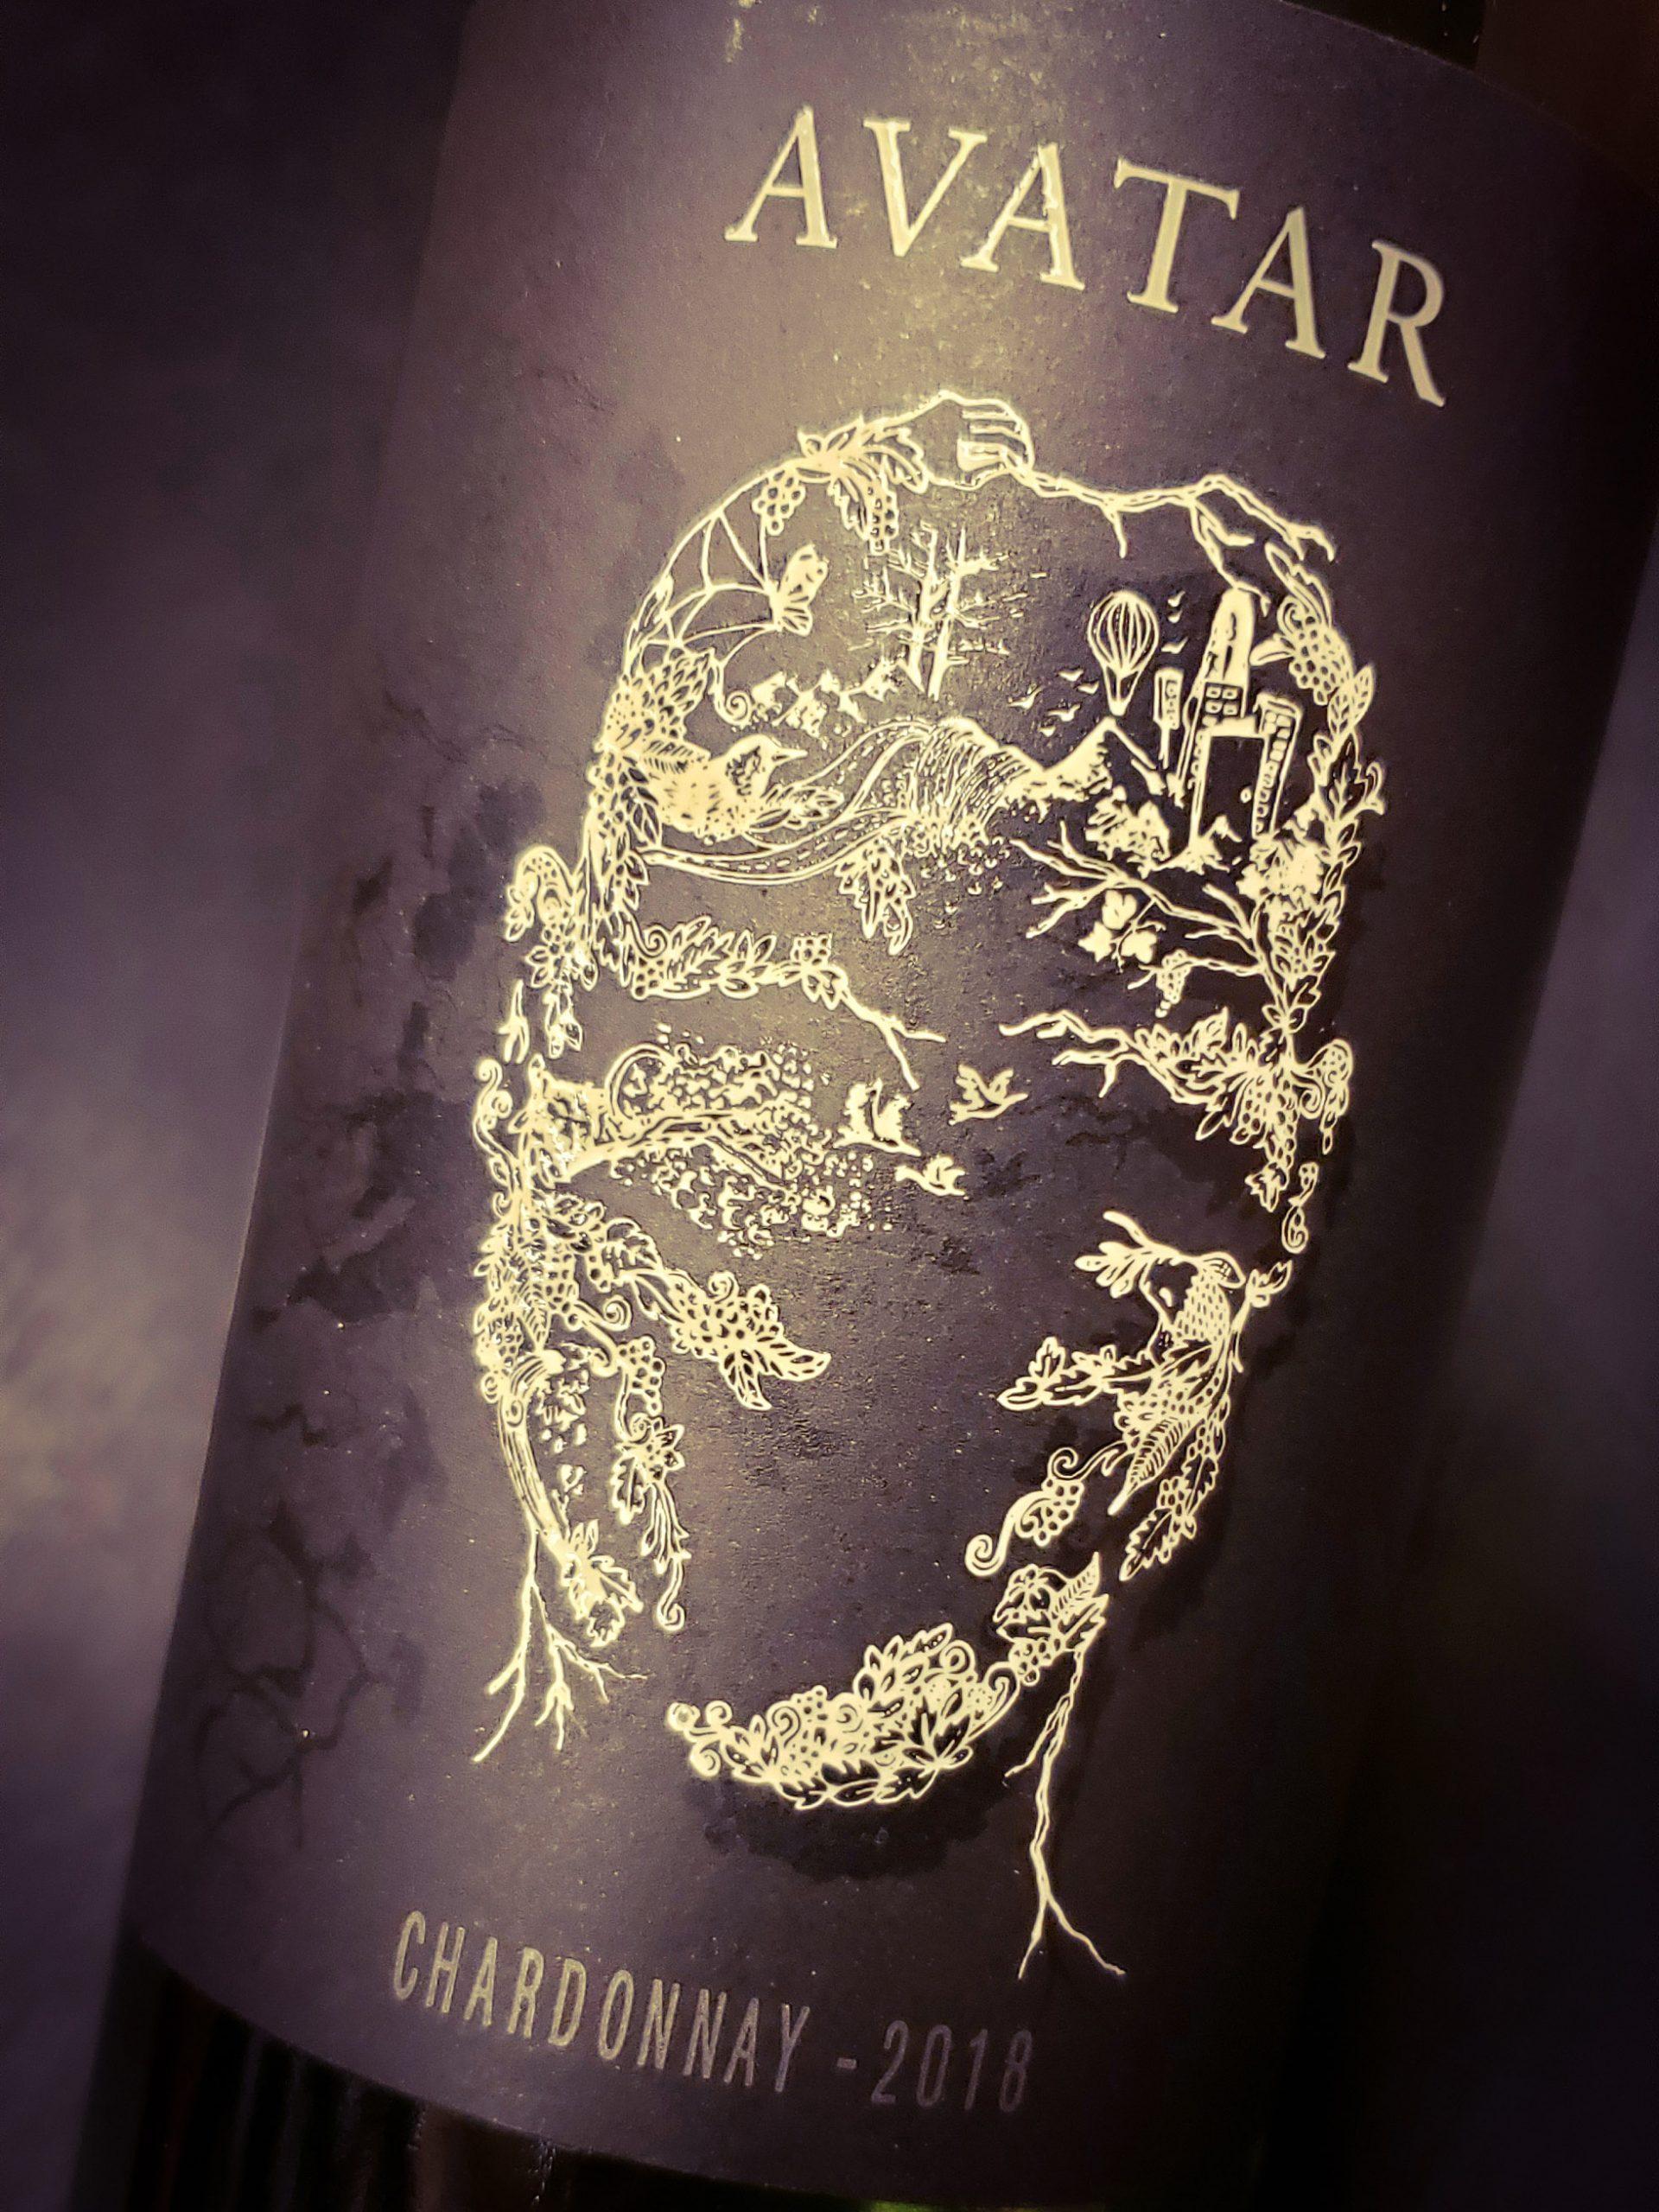 12 vinos de la primera góndola de la izquierda 2